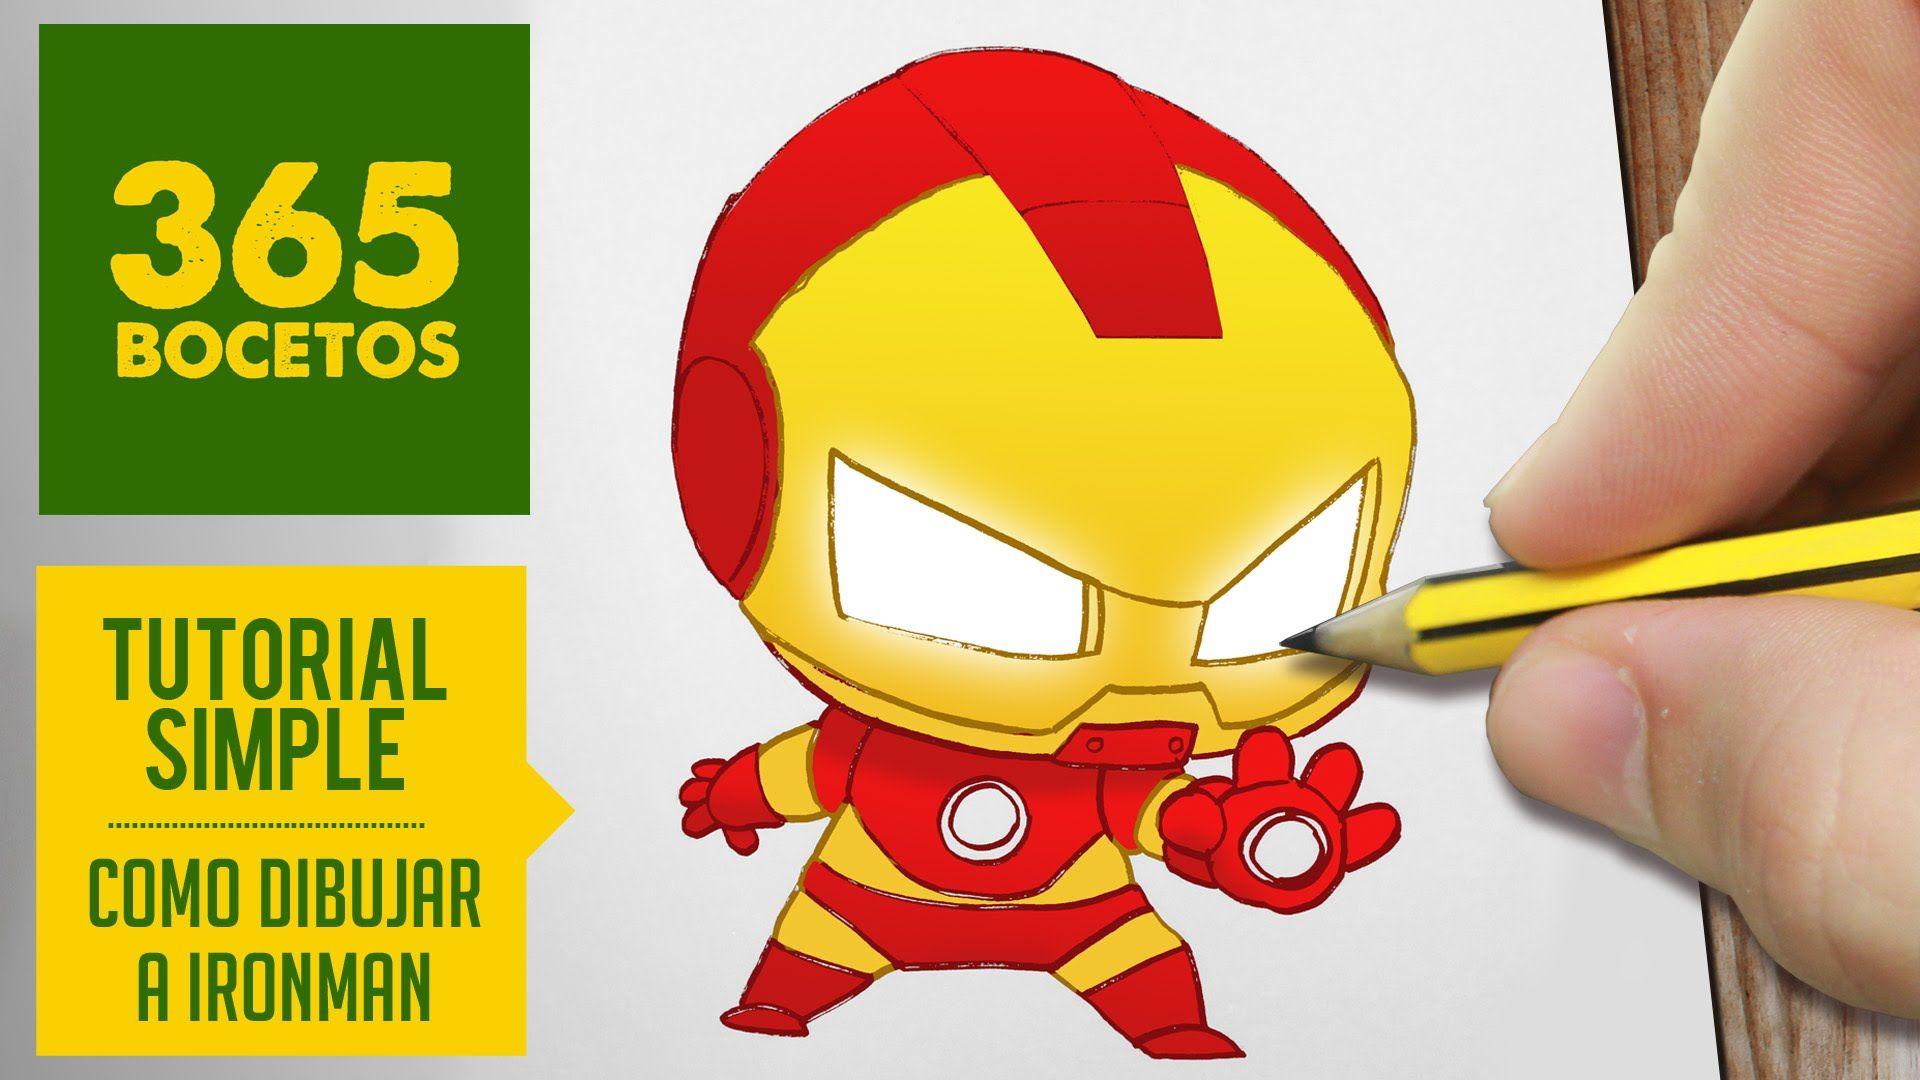 Iron Man Marvel Dibujos Kawaii 365 Dibujos De 365 Bocetos Dibujos Kawaii